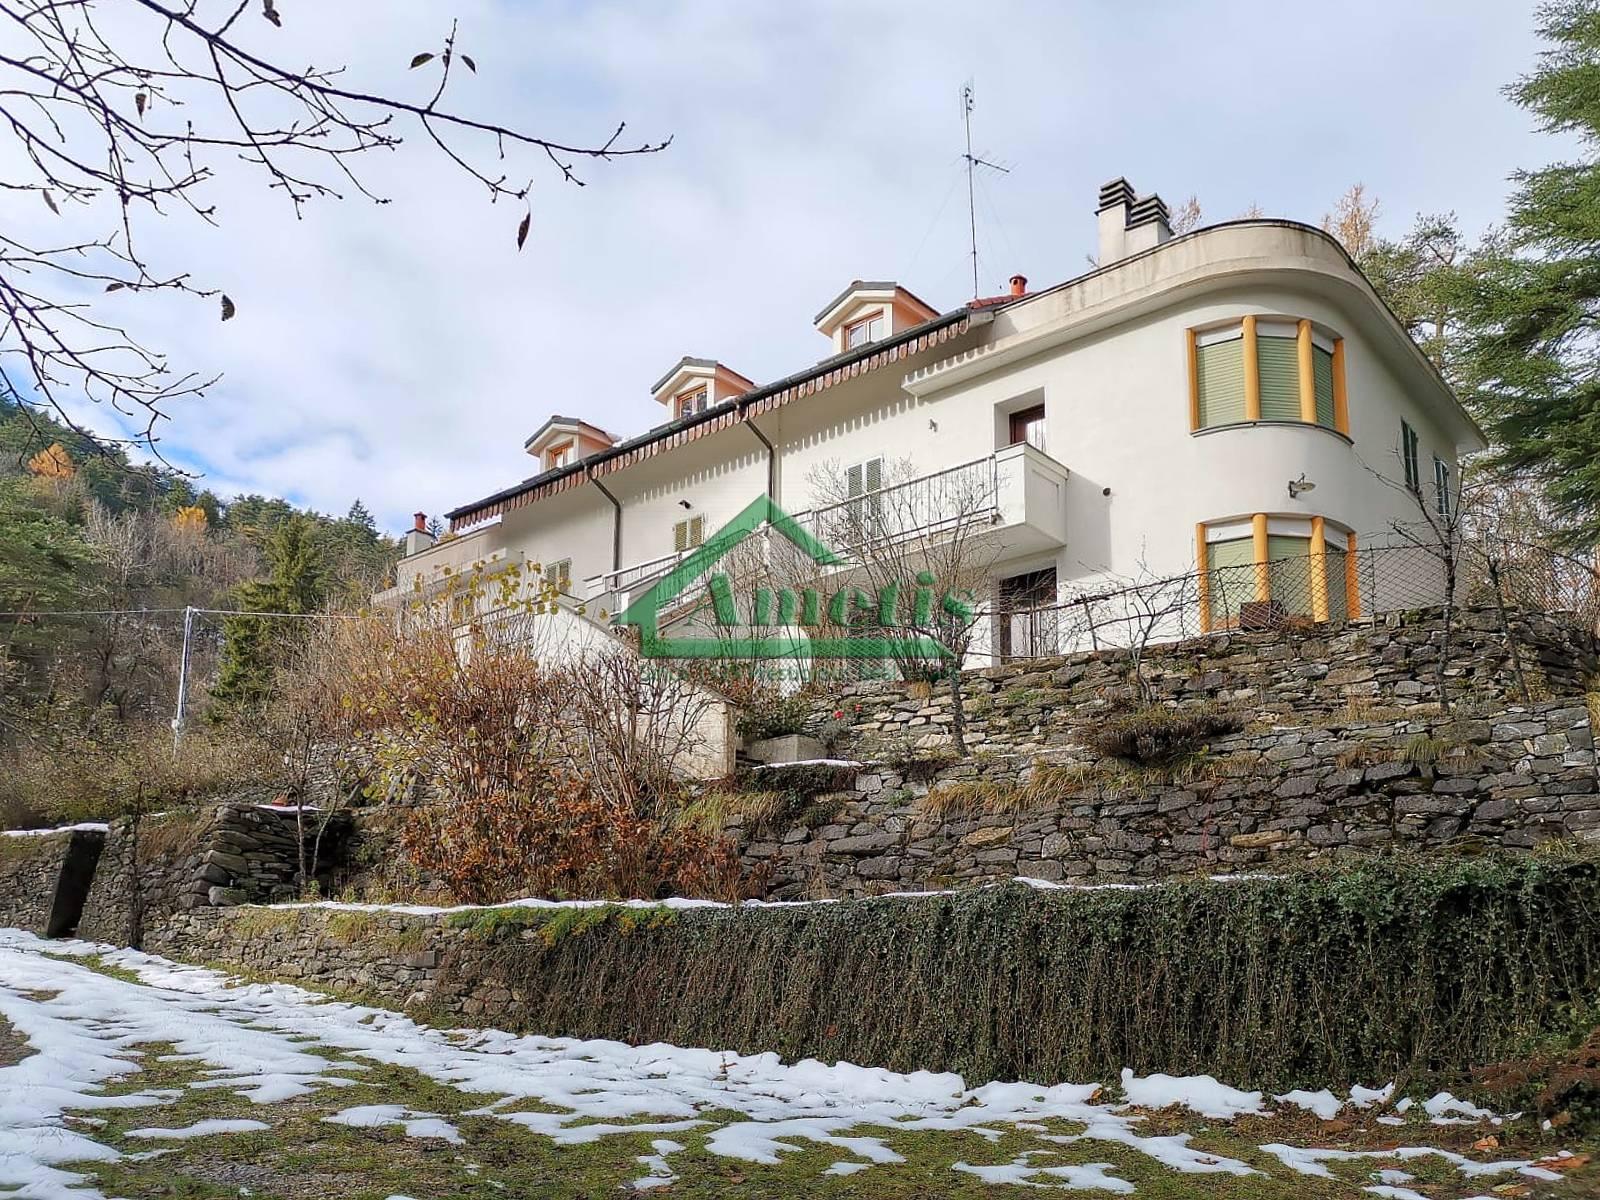 Appartamento in vendita a Pornassio, 4 locali, zona Località: CasediNava, prezzo € 72.000 | CambioCasa.it